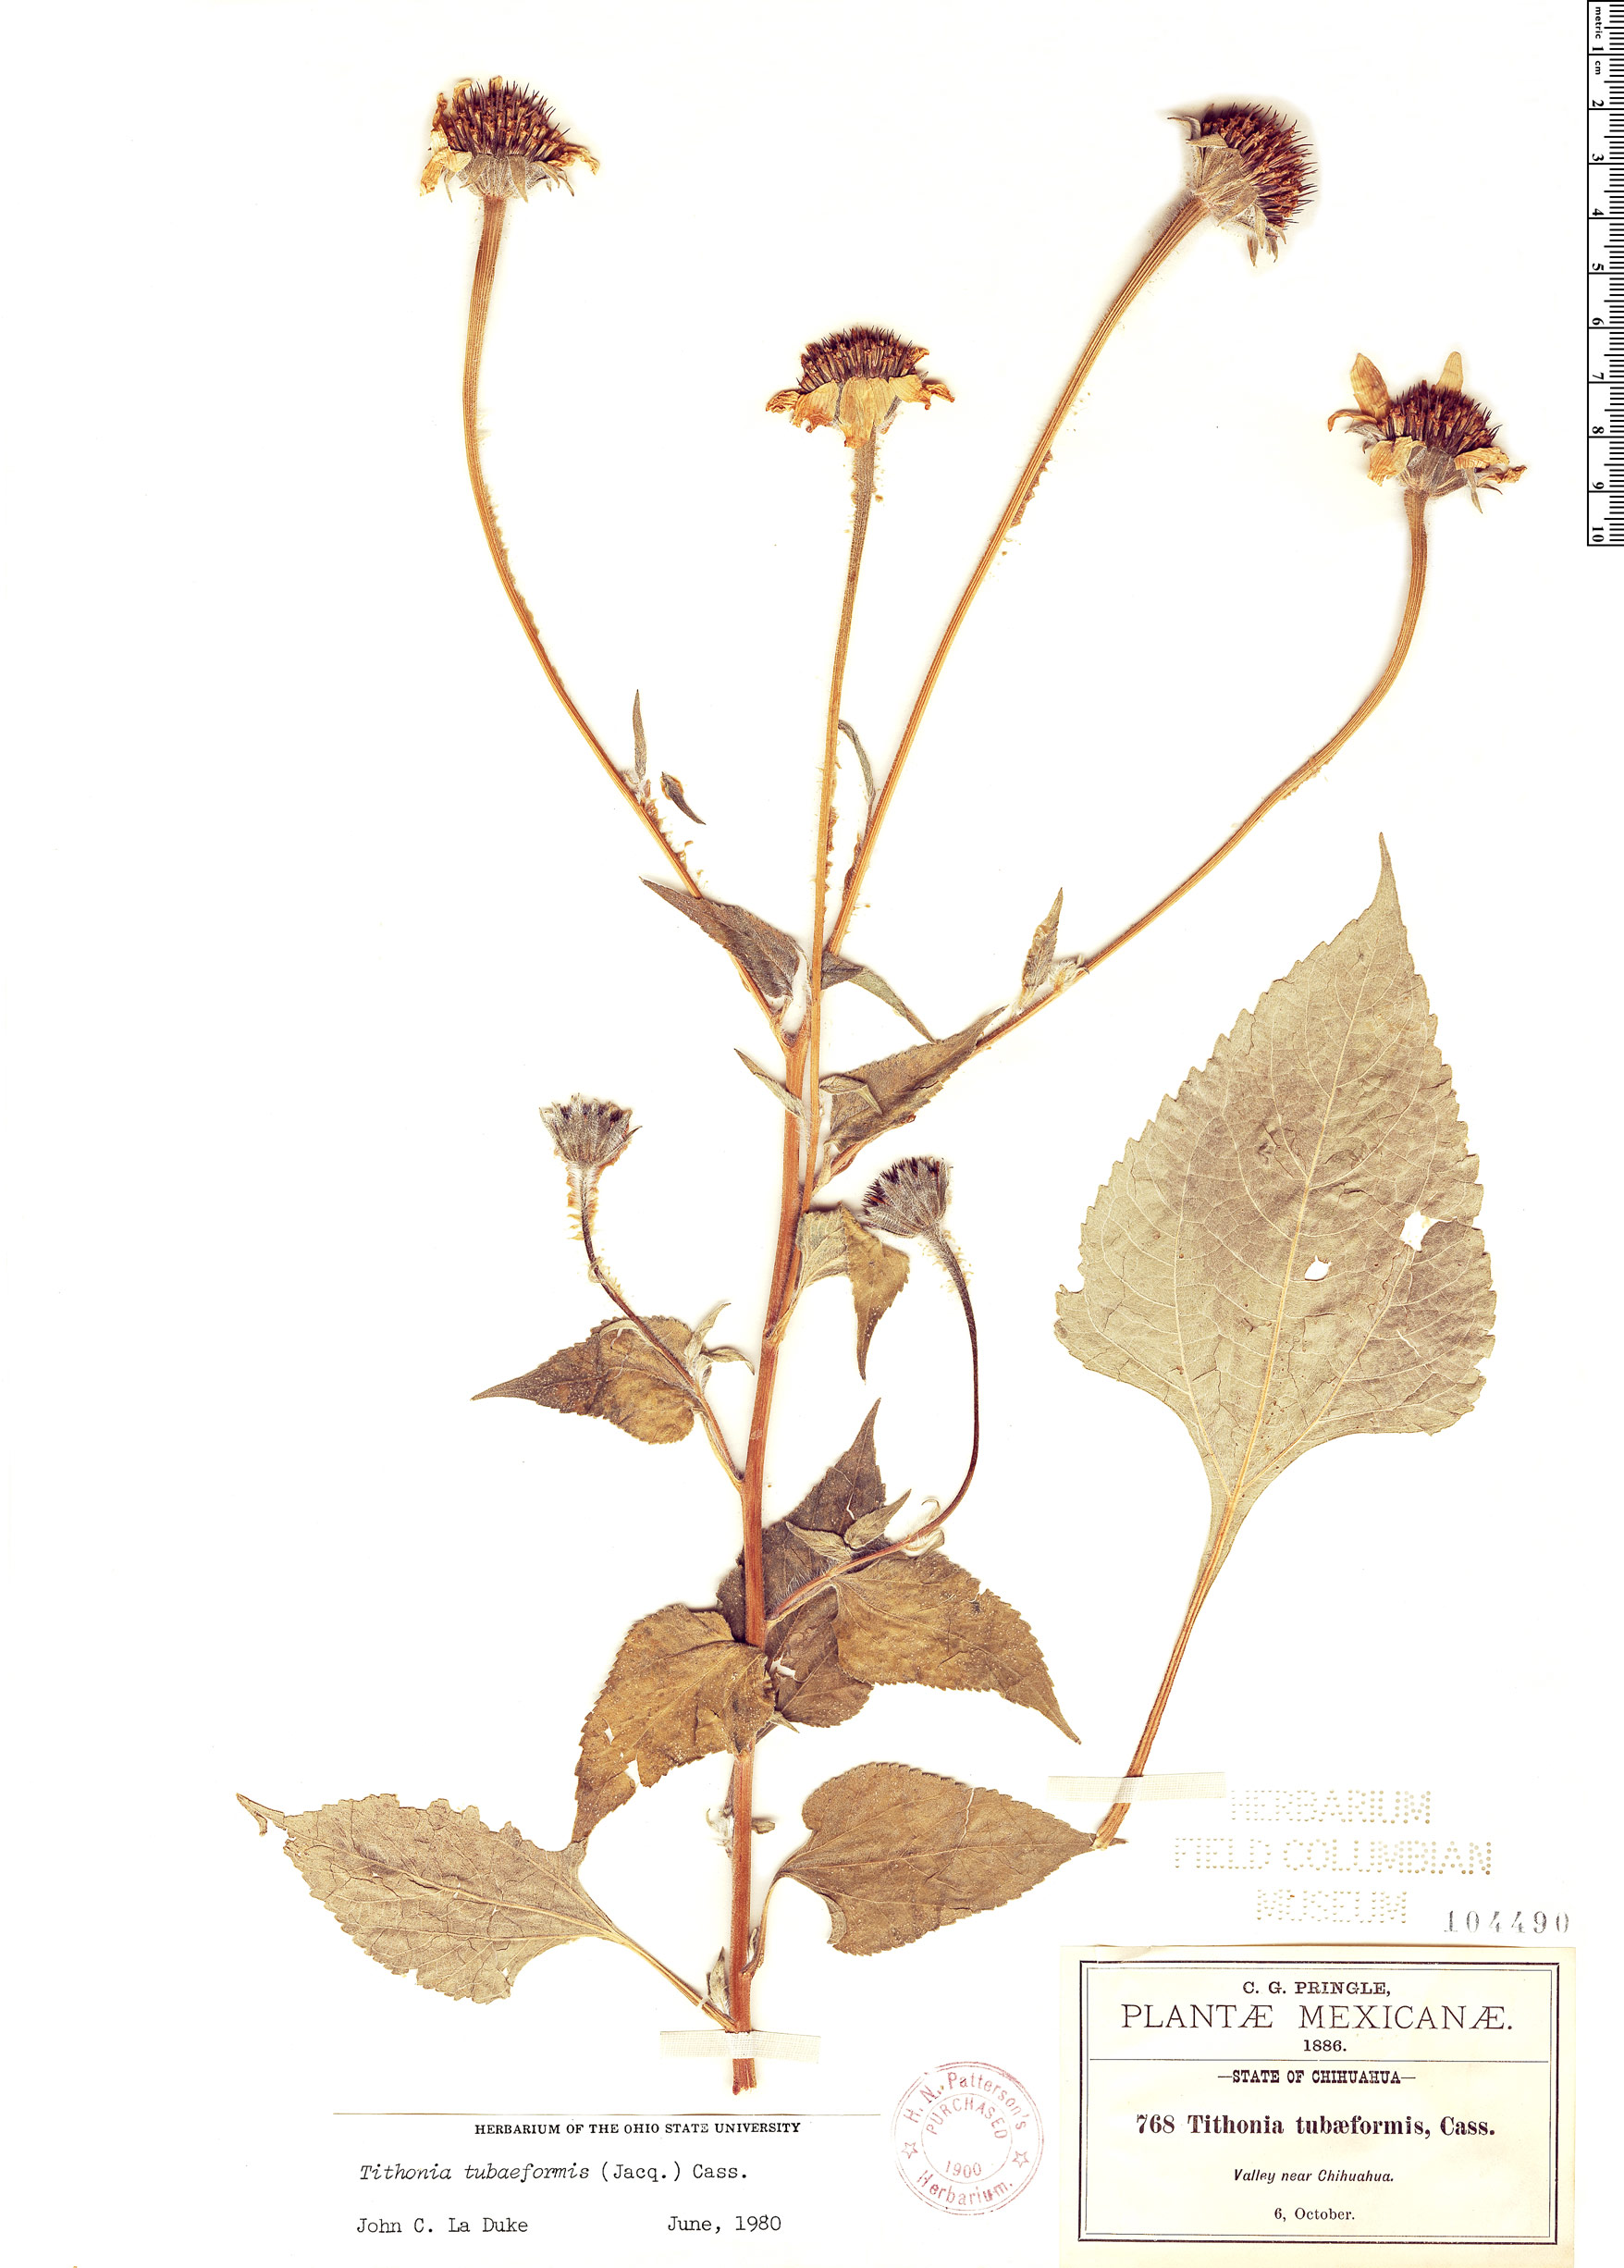 Specimen: Tithonia tubiformis